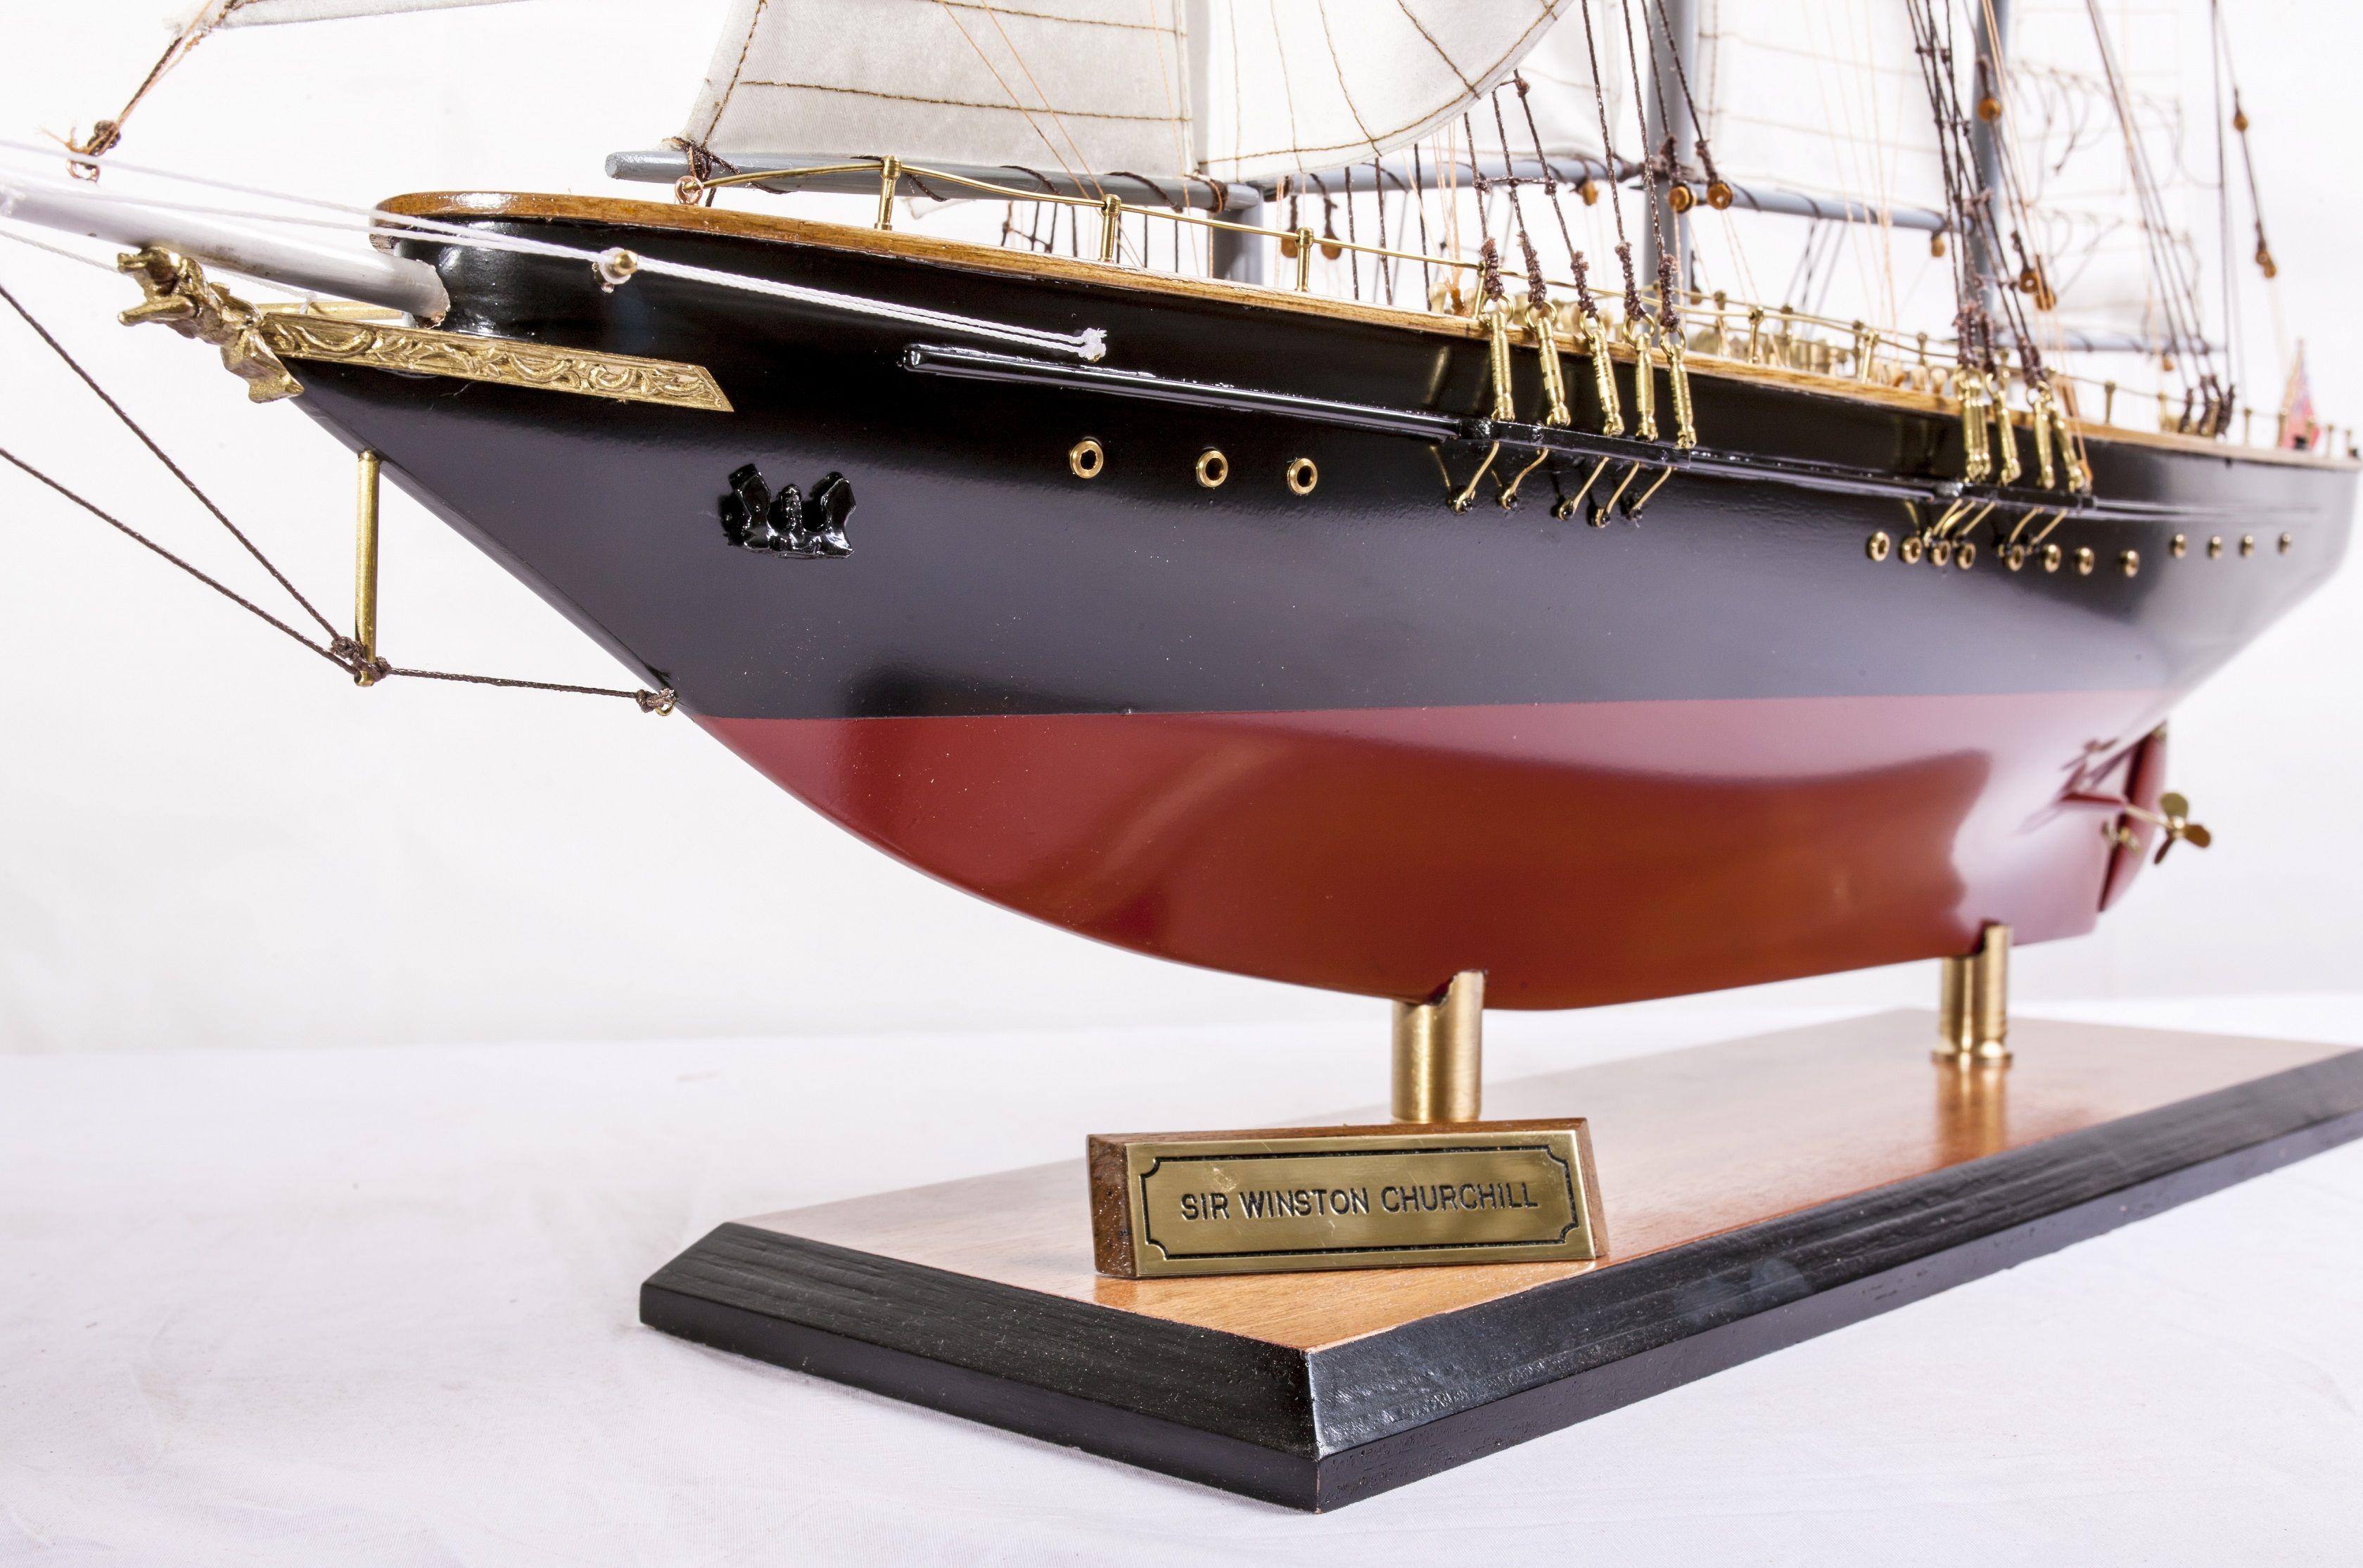 1524-9099-Sir-Winston-Churchill-Model-Boat